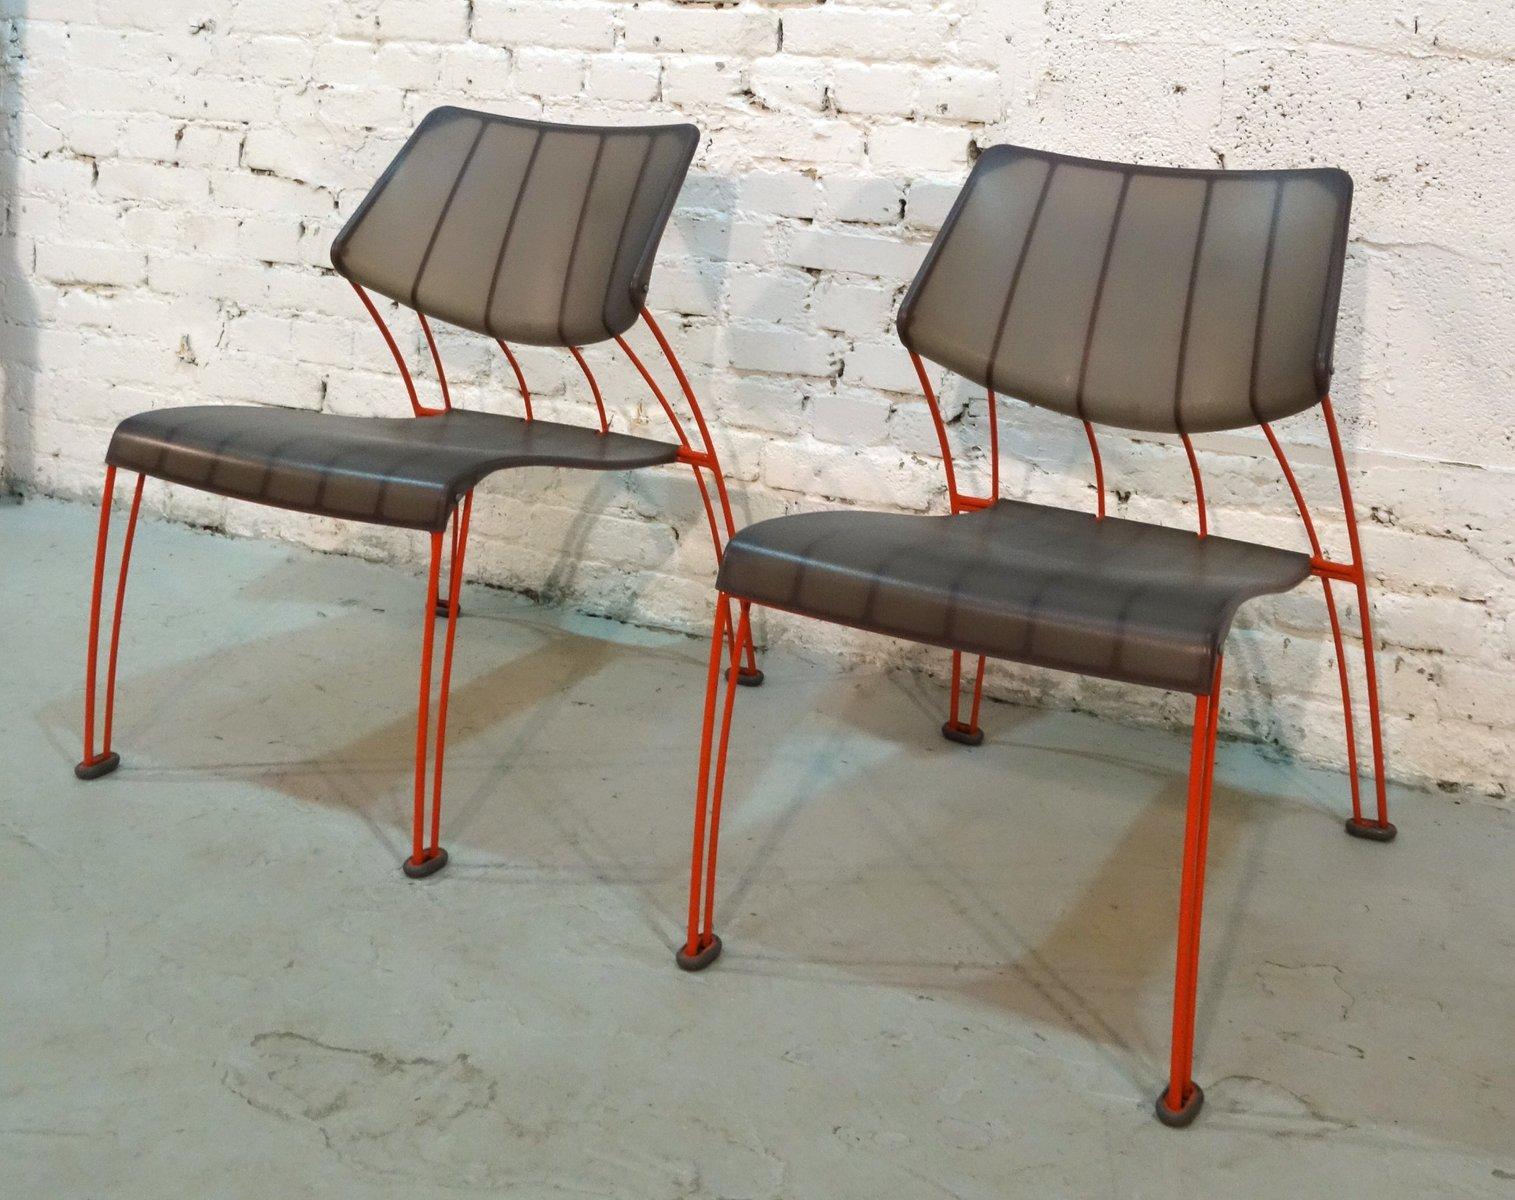 ps hasslo st hle von monika mulder f r ikea 1990 bei pamono kaufen. Black Bedroom Furniture Sets. Home Design Ideas